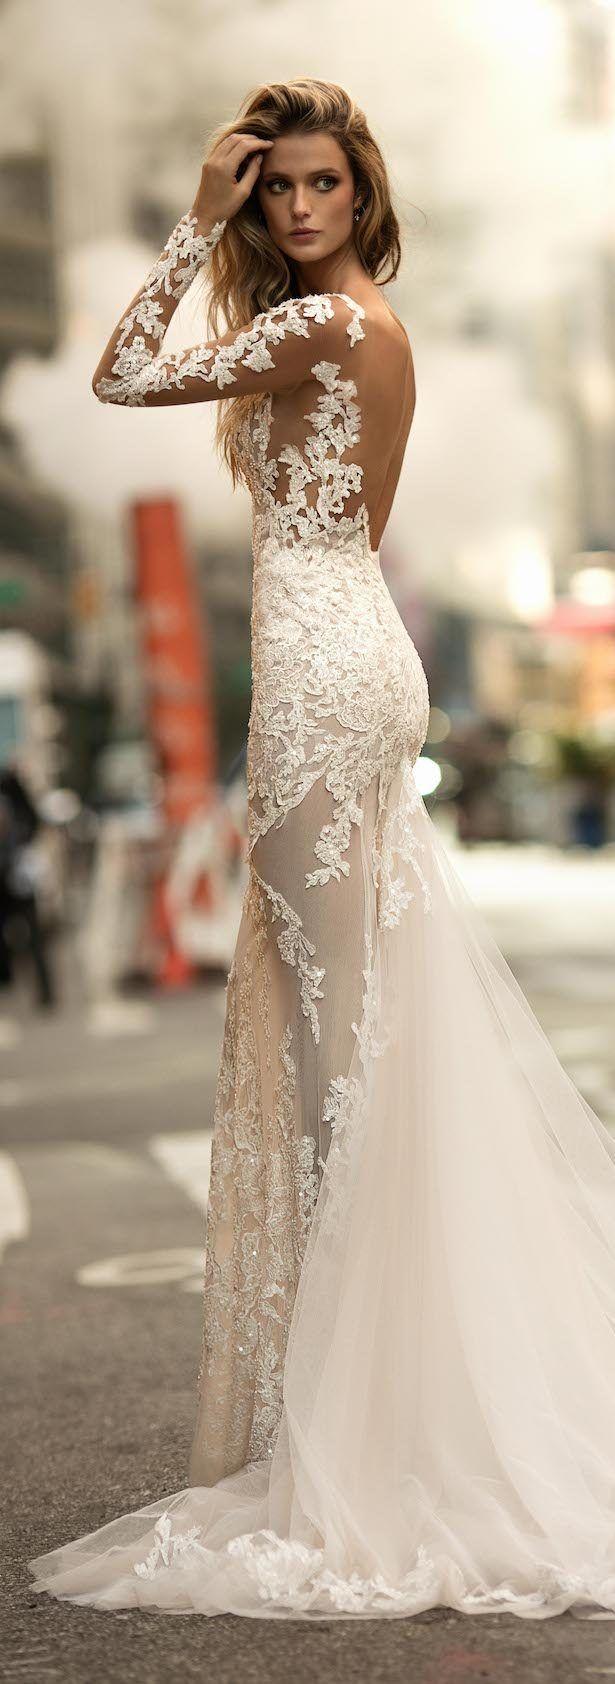 best dewding images on pinterest wedding dress wedding frocks